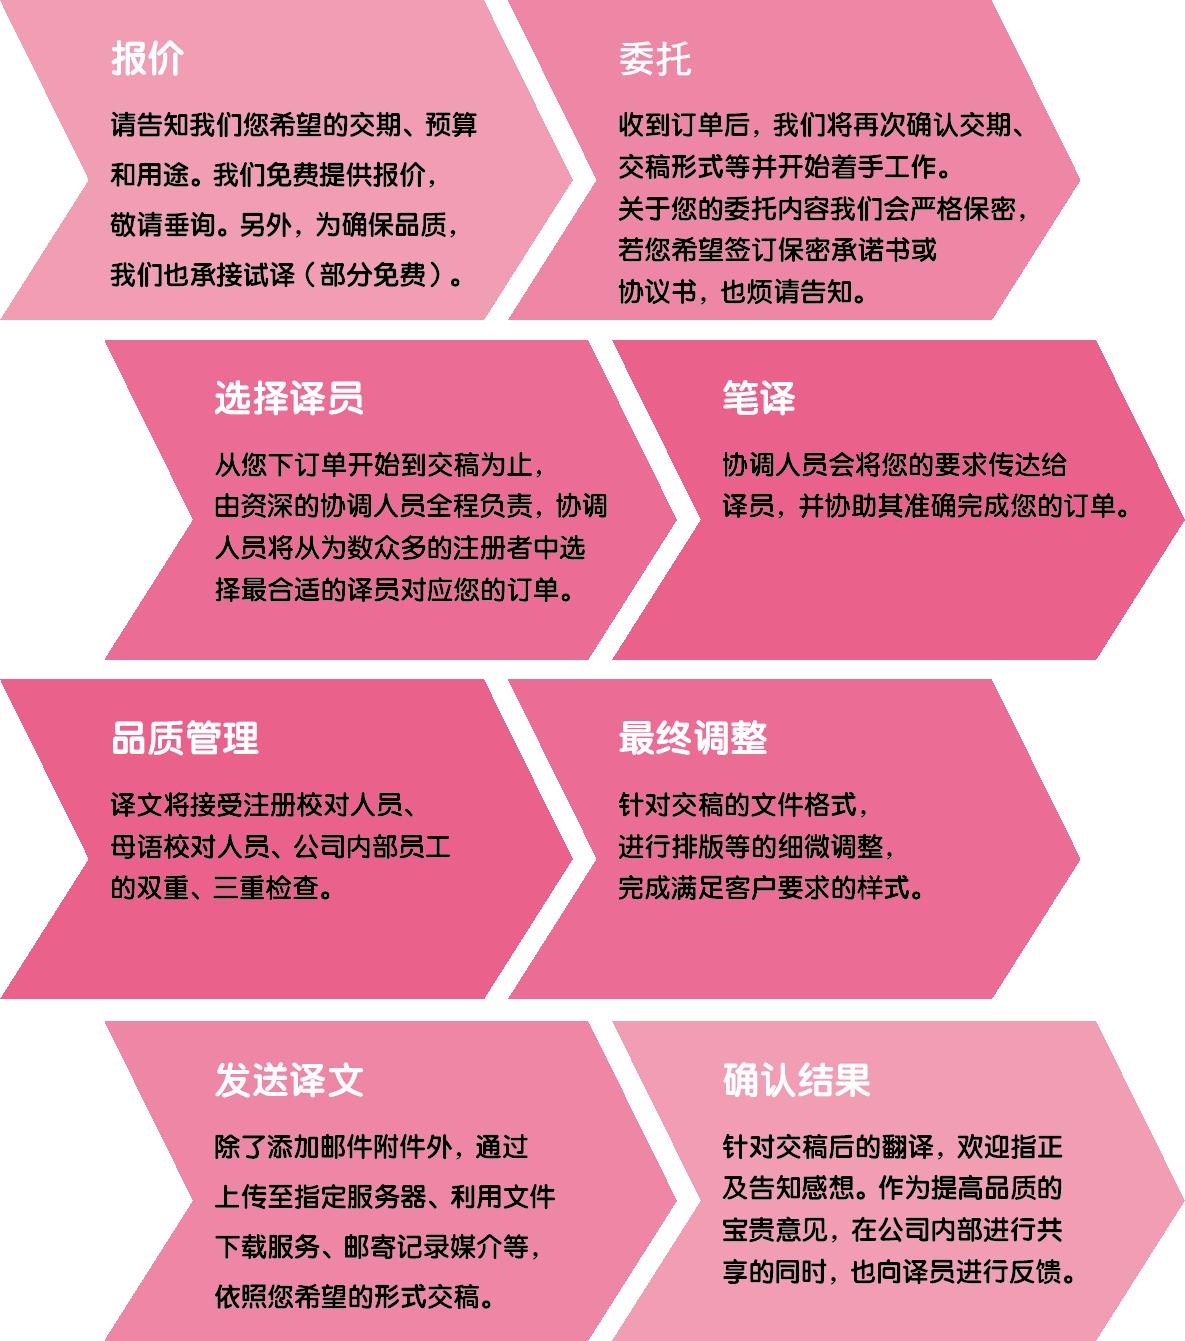 中国語簡体字翻訳フローチャート